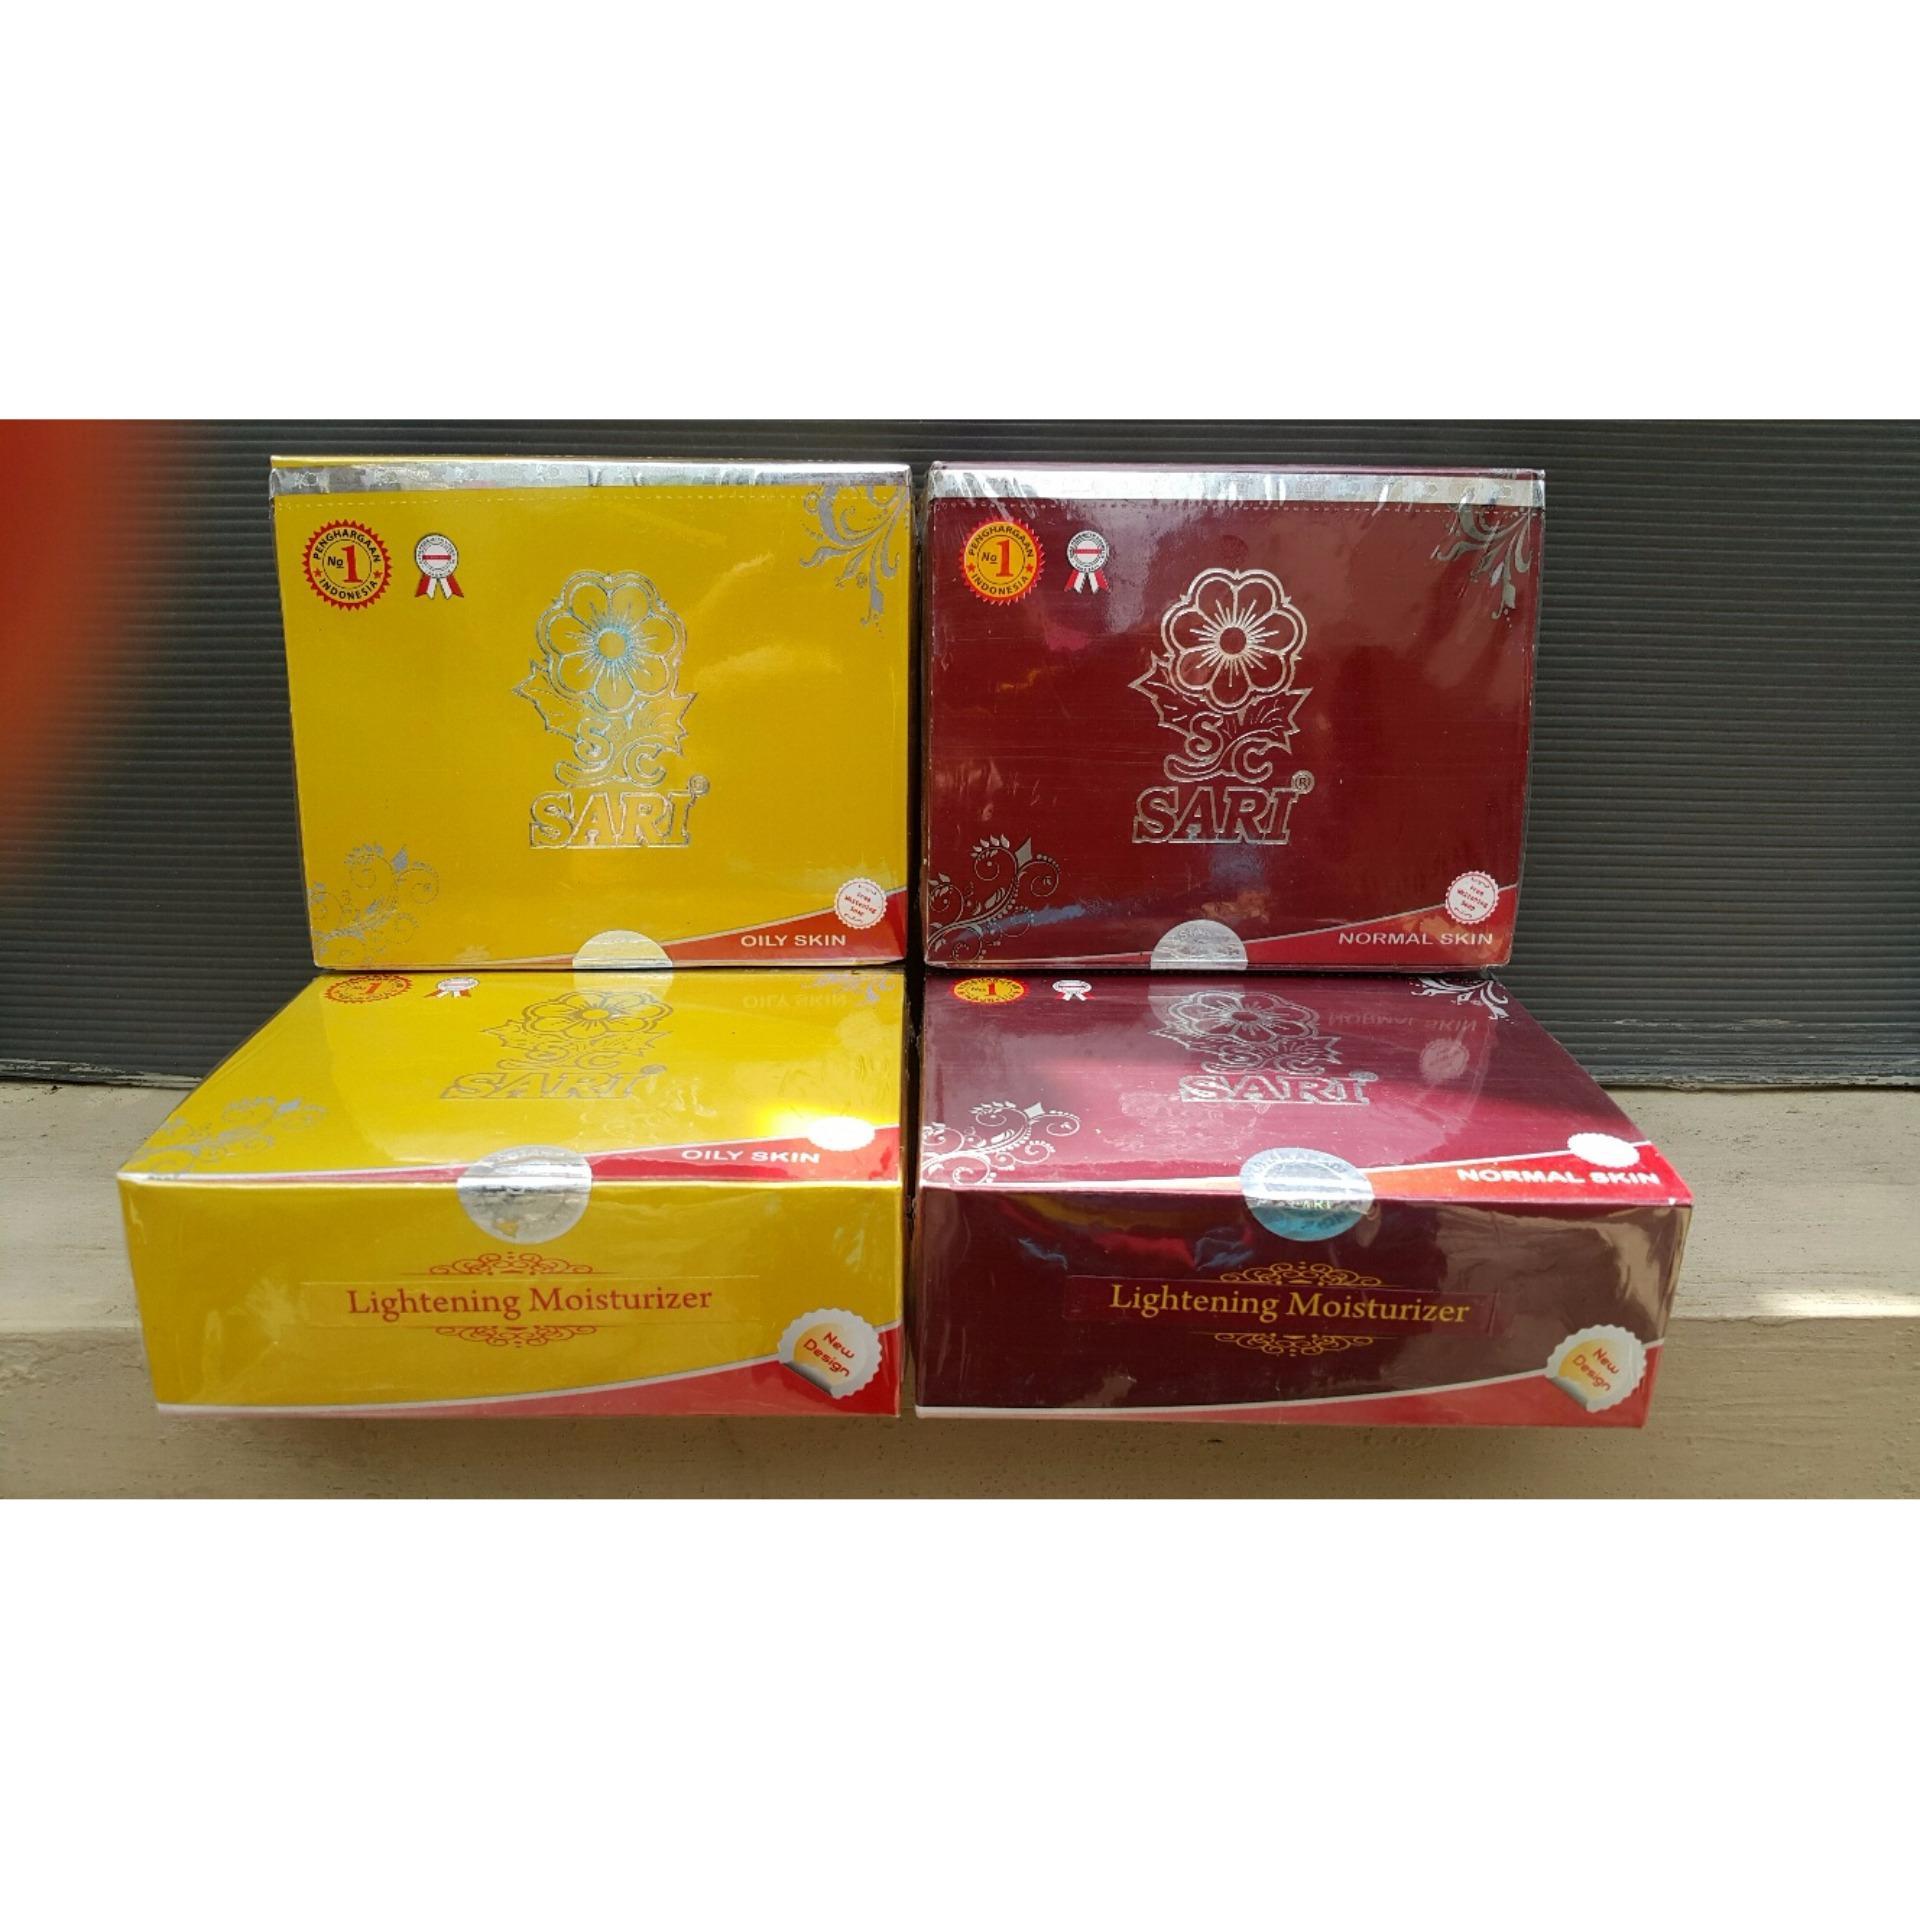 Flash Sale paket siang dan malam Cream Wajah SARI / SARI Moisturizer Whitening Cream untuk kulit normal warna merah ,cream pemutih wajah